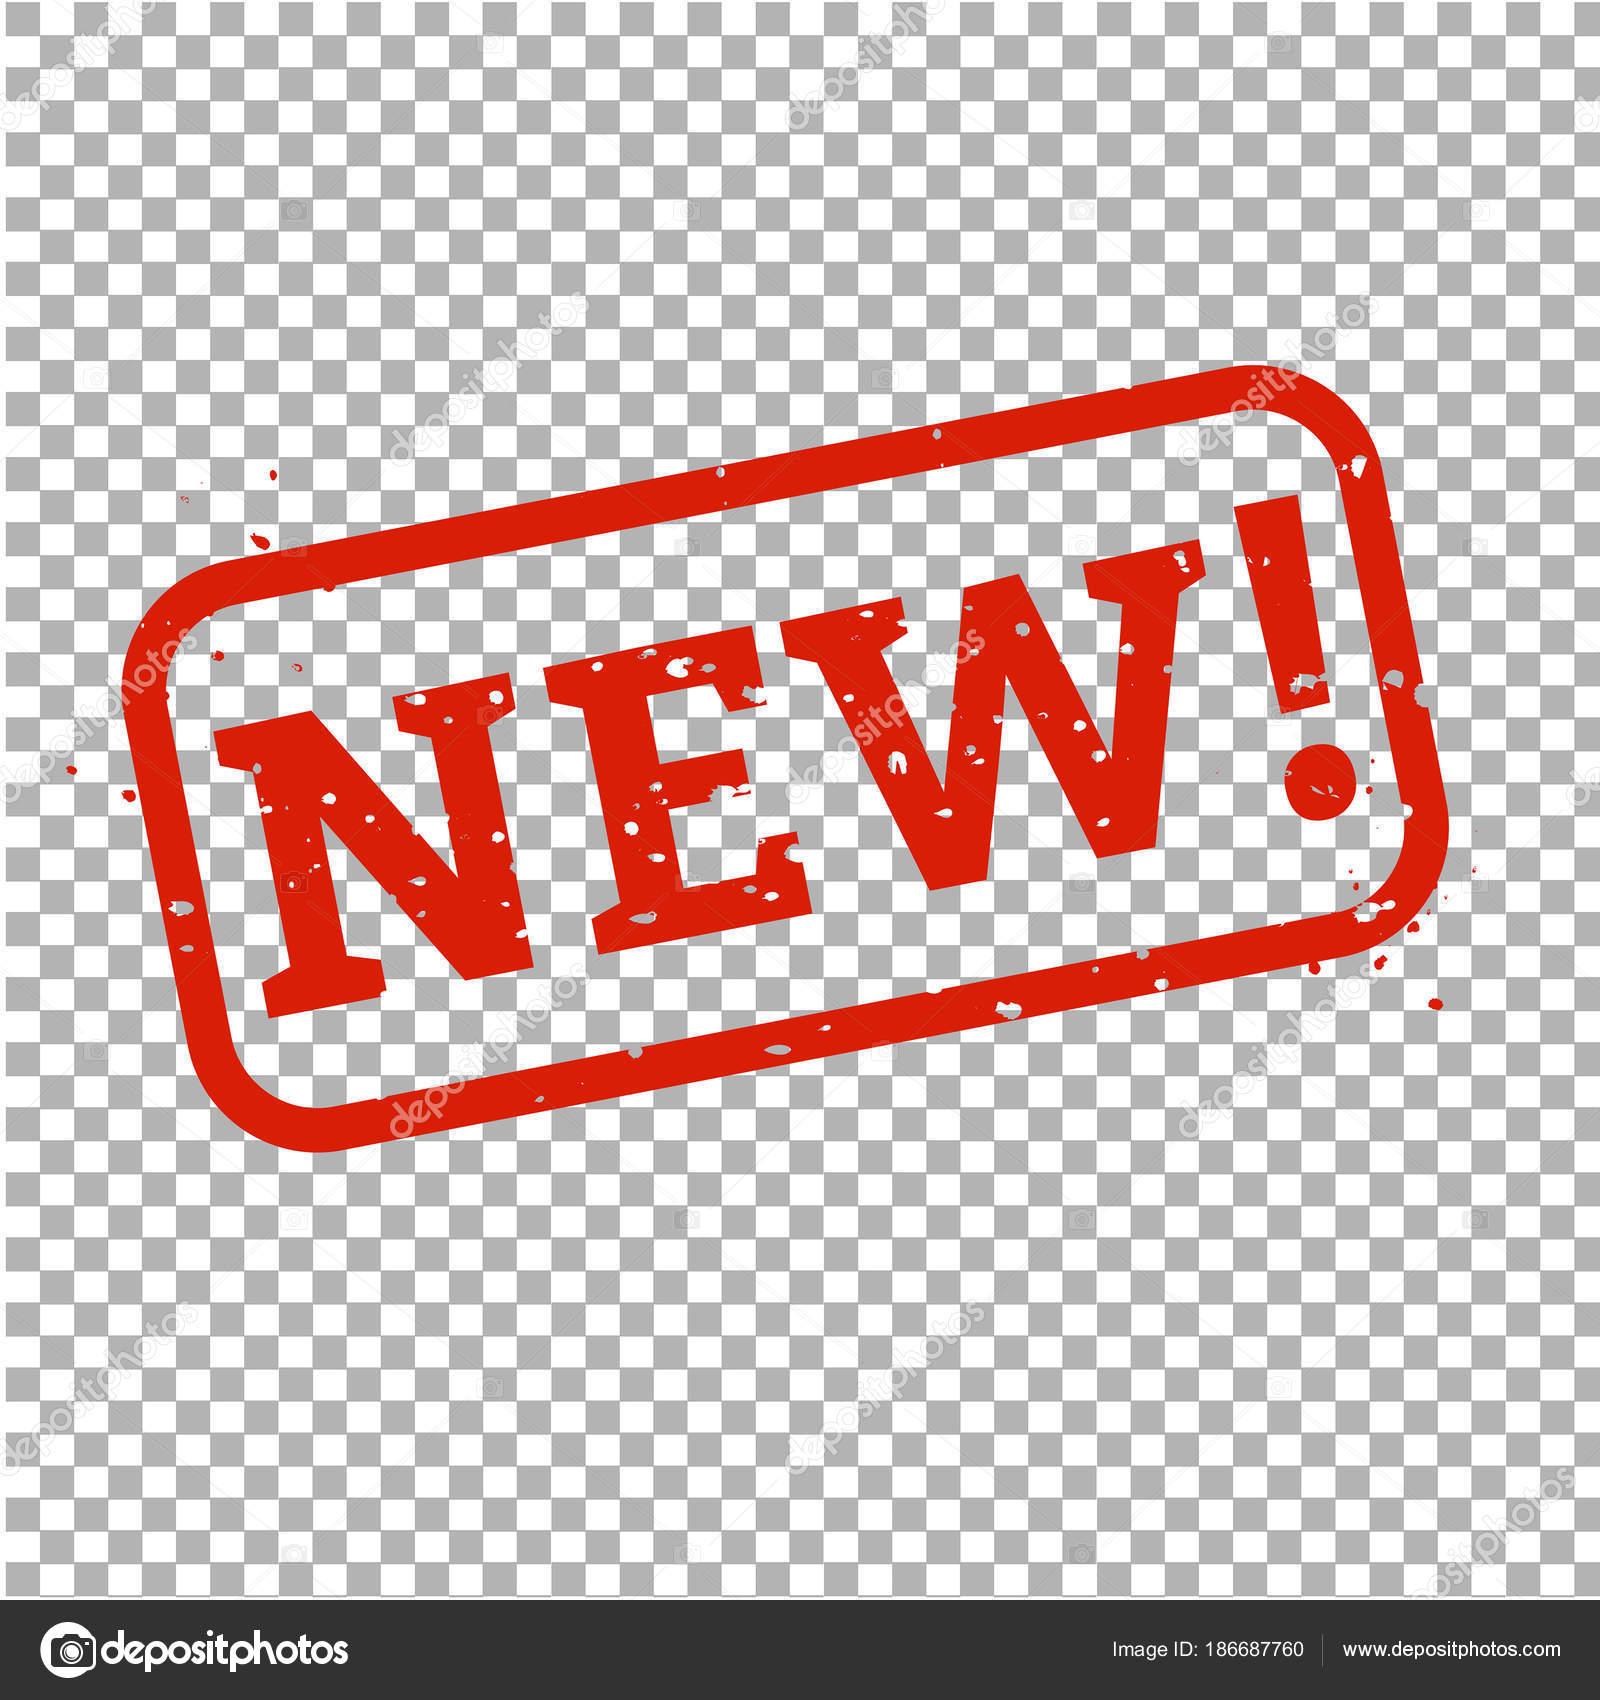 Как получить логотип на прозрачном фоне? Блог о создании лого 6